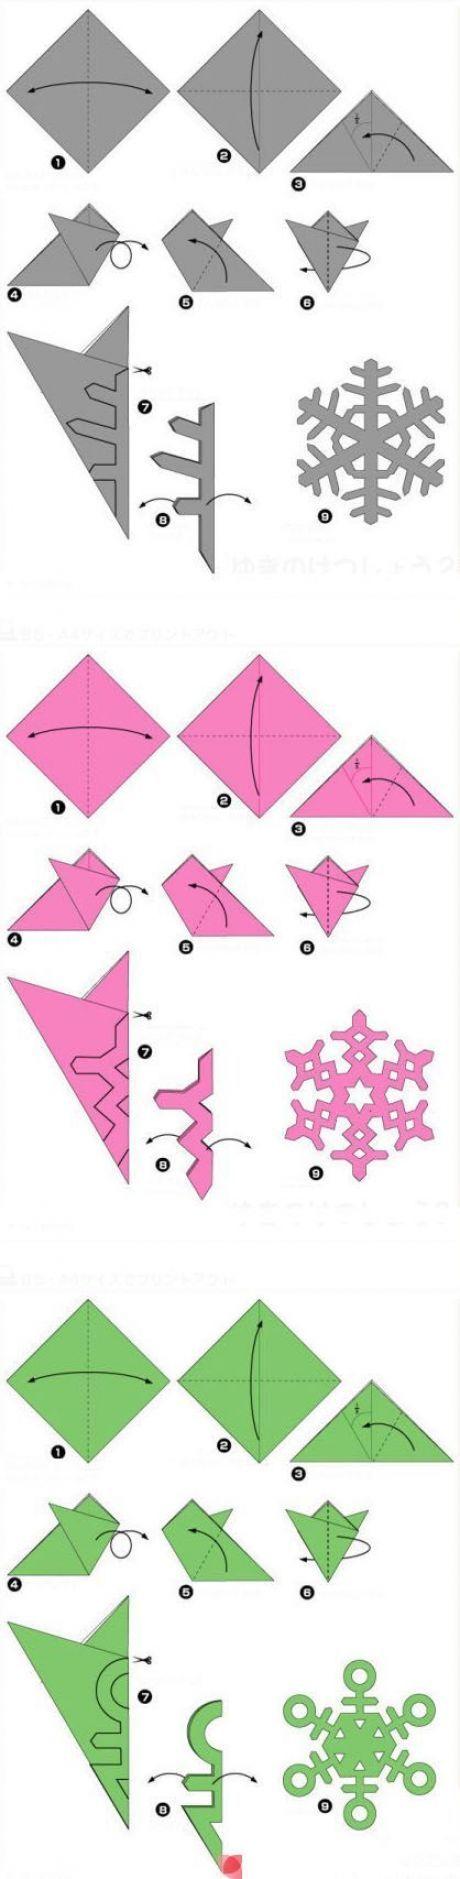 Как сделать снежинку из бумаги своими руками - лучшие схемы и варианты 2